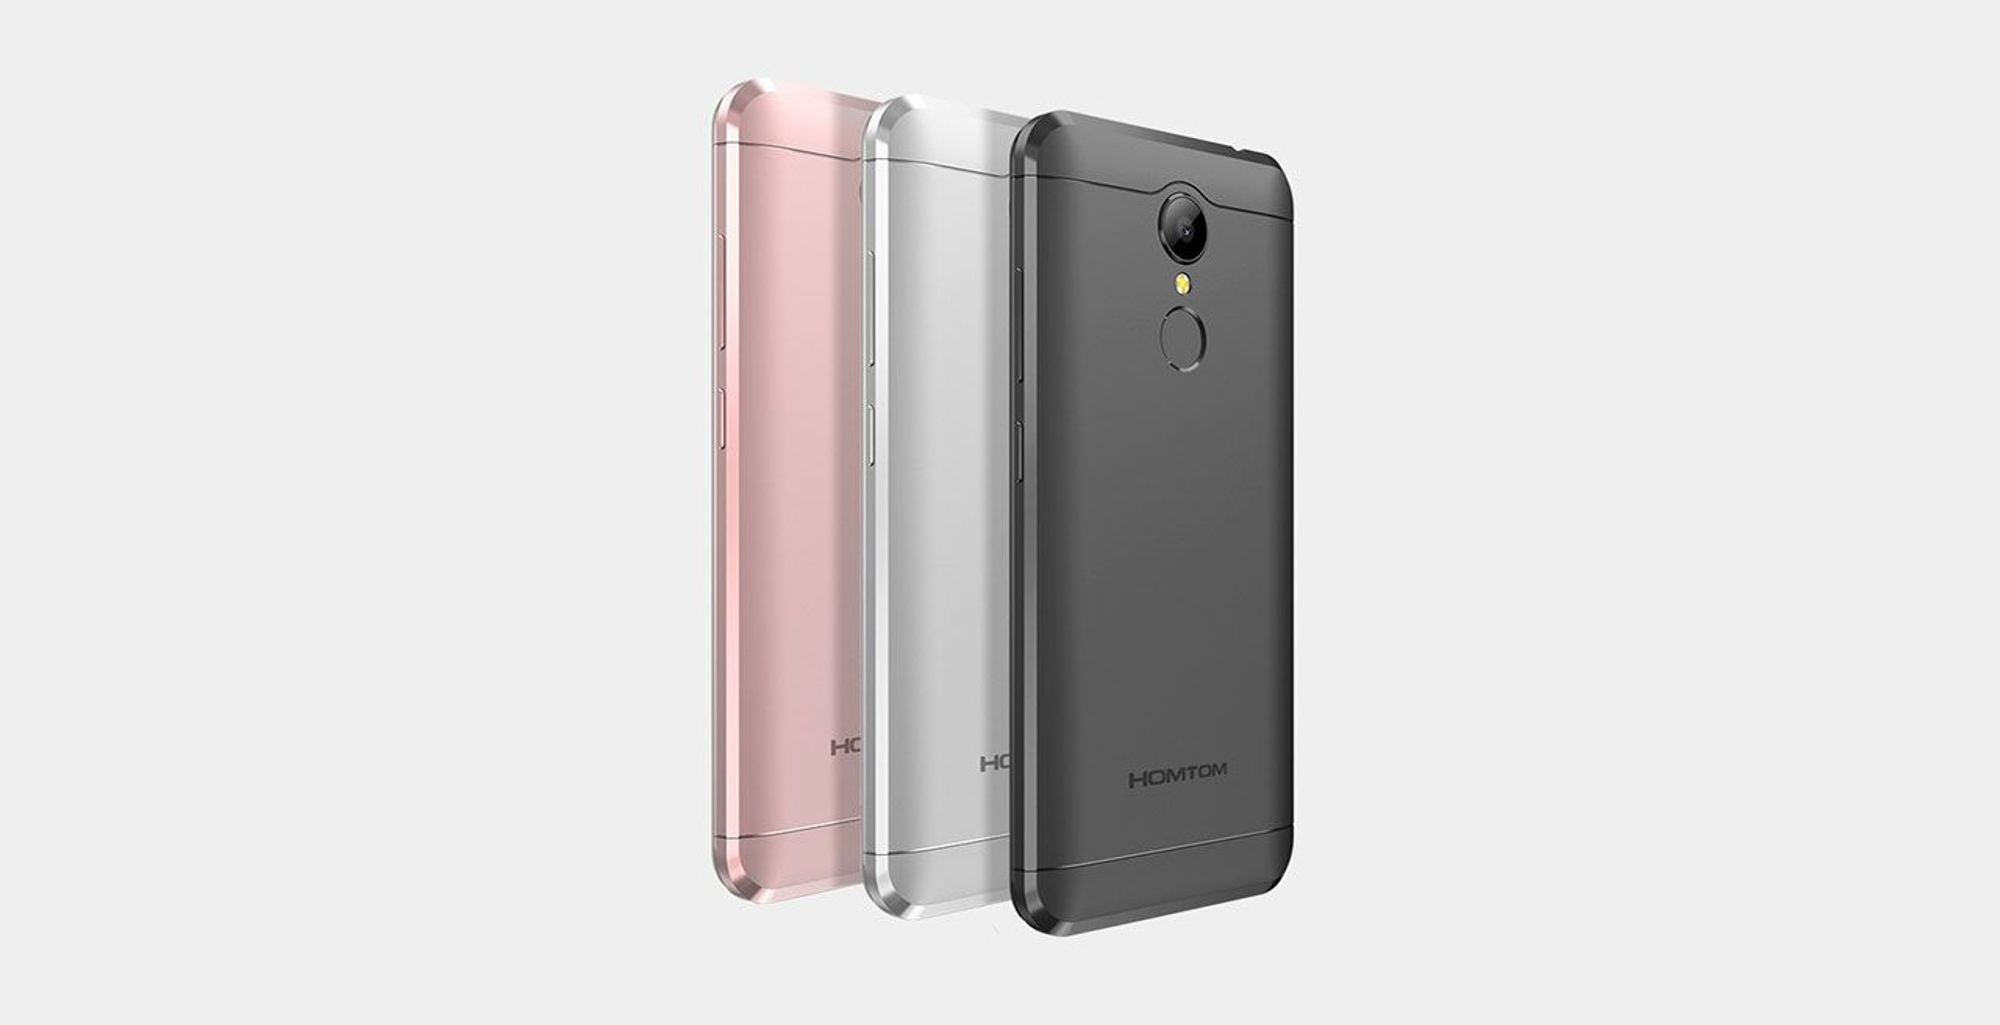 homtom ht37 recensione smartphone android da 80 euro per chi vuole farsi notare. Black Bedroom Furniture Sets. Home Design Ideas